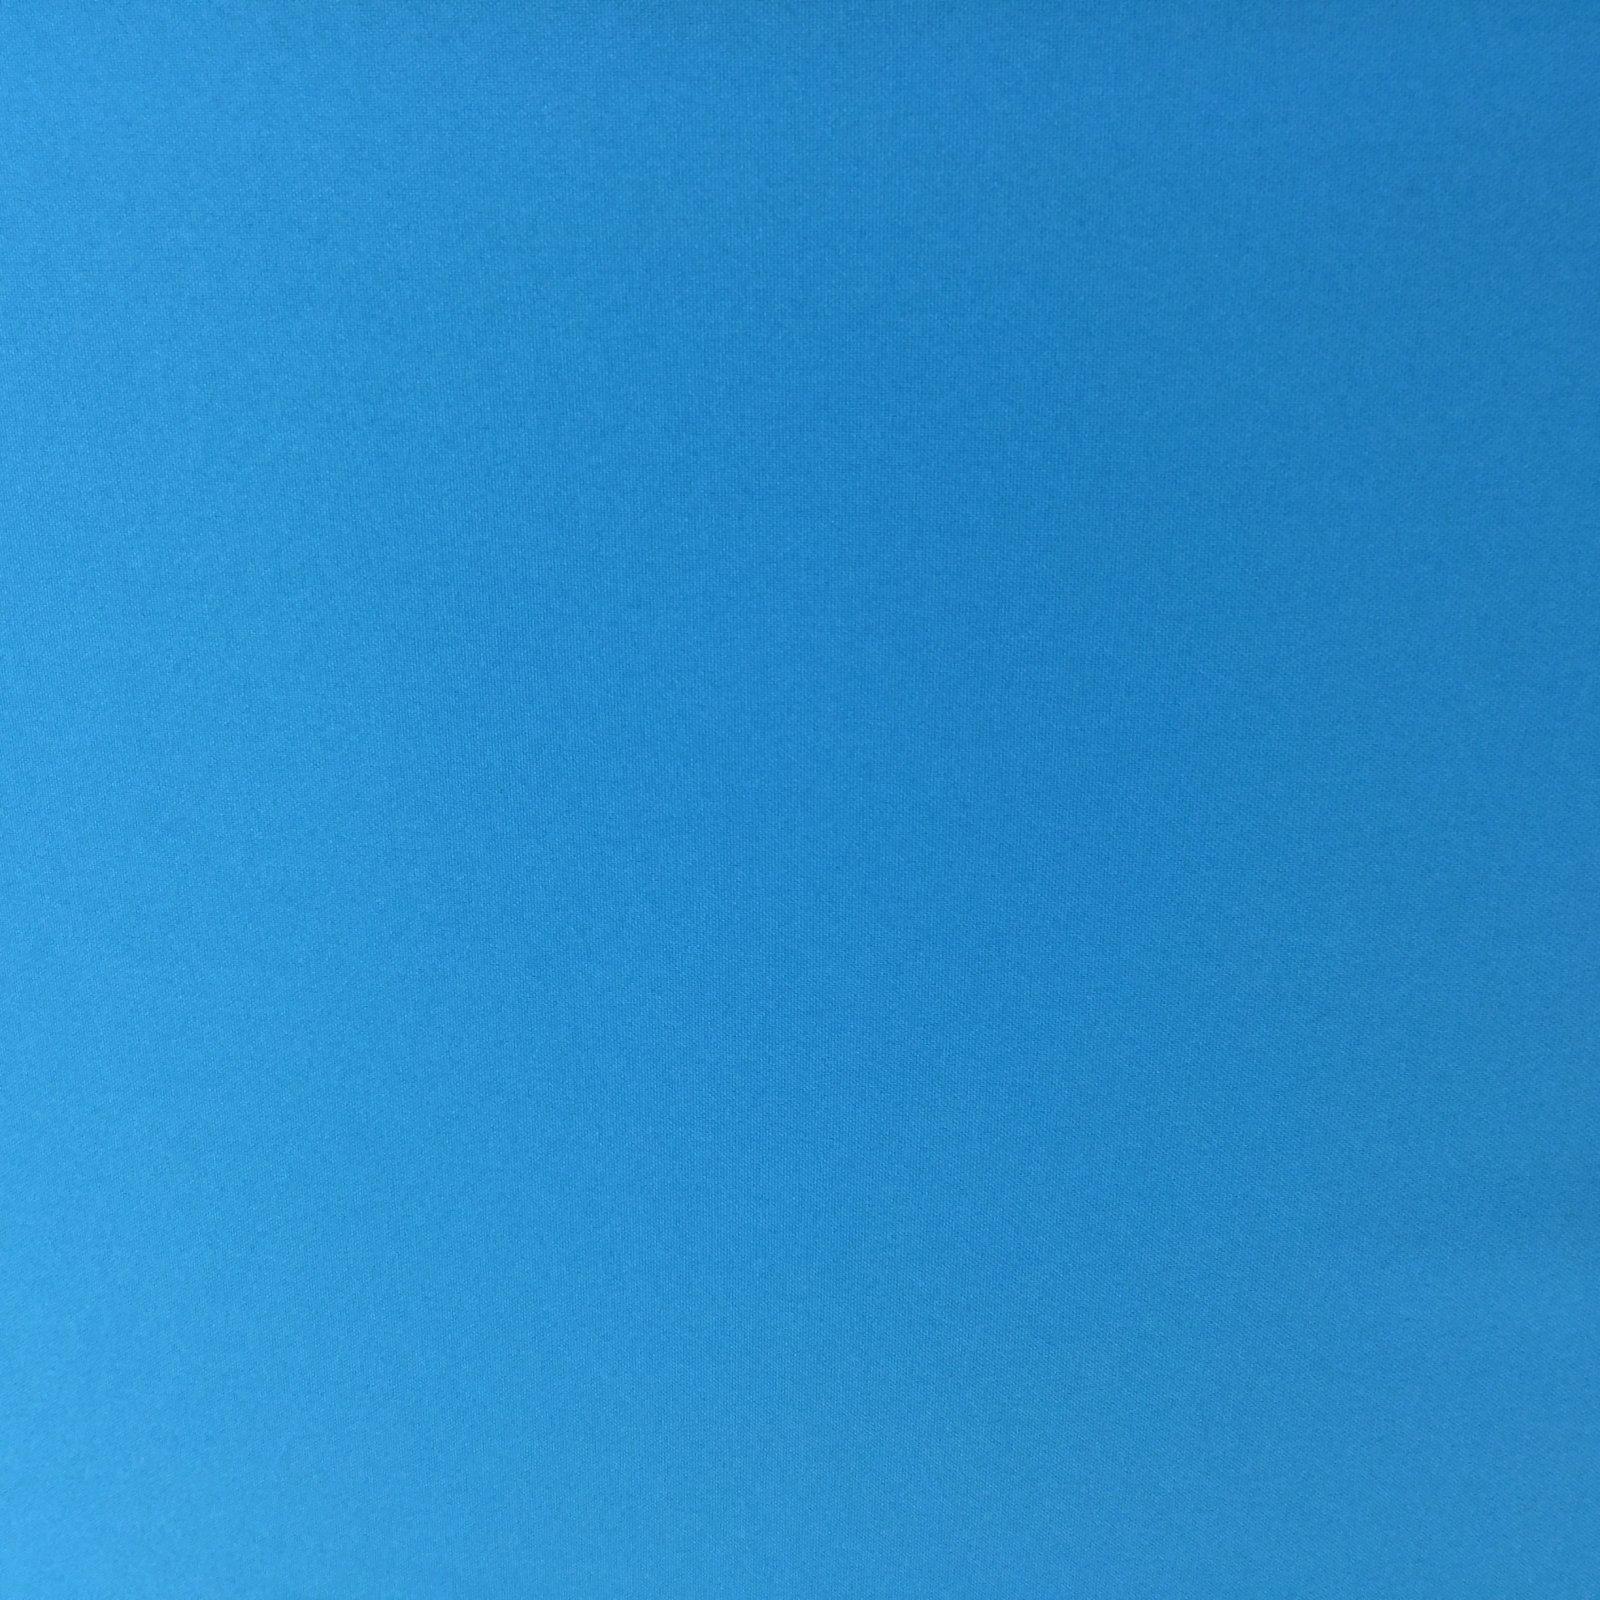 Shawl Cut 2 yds Turq Blue